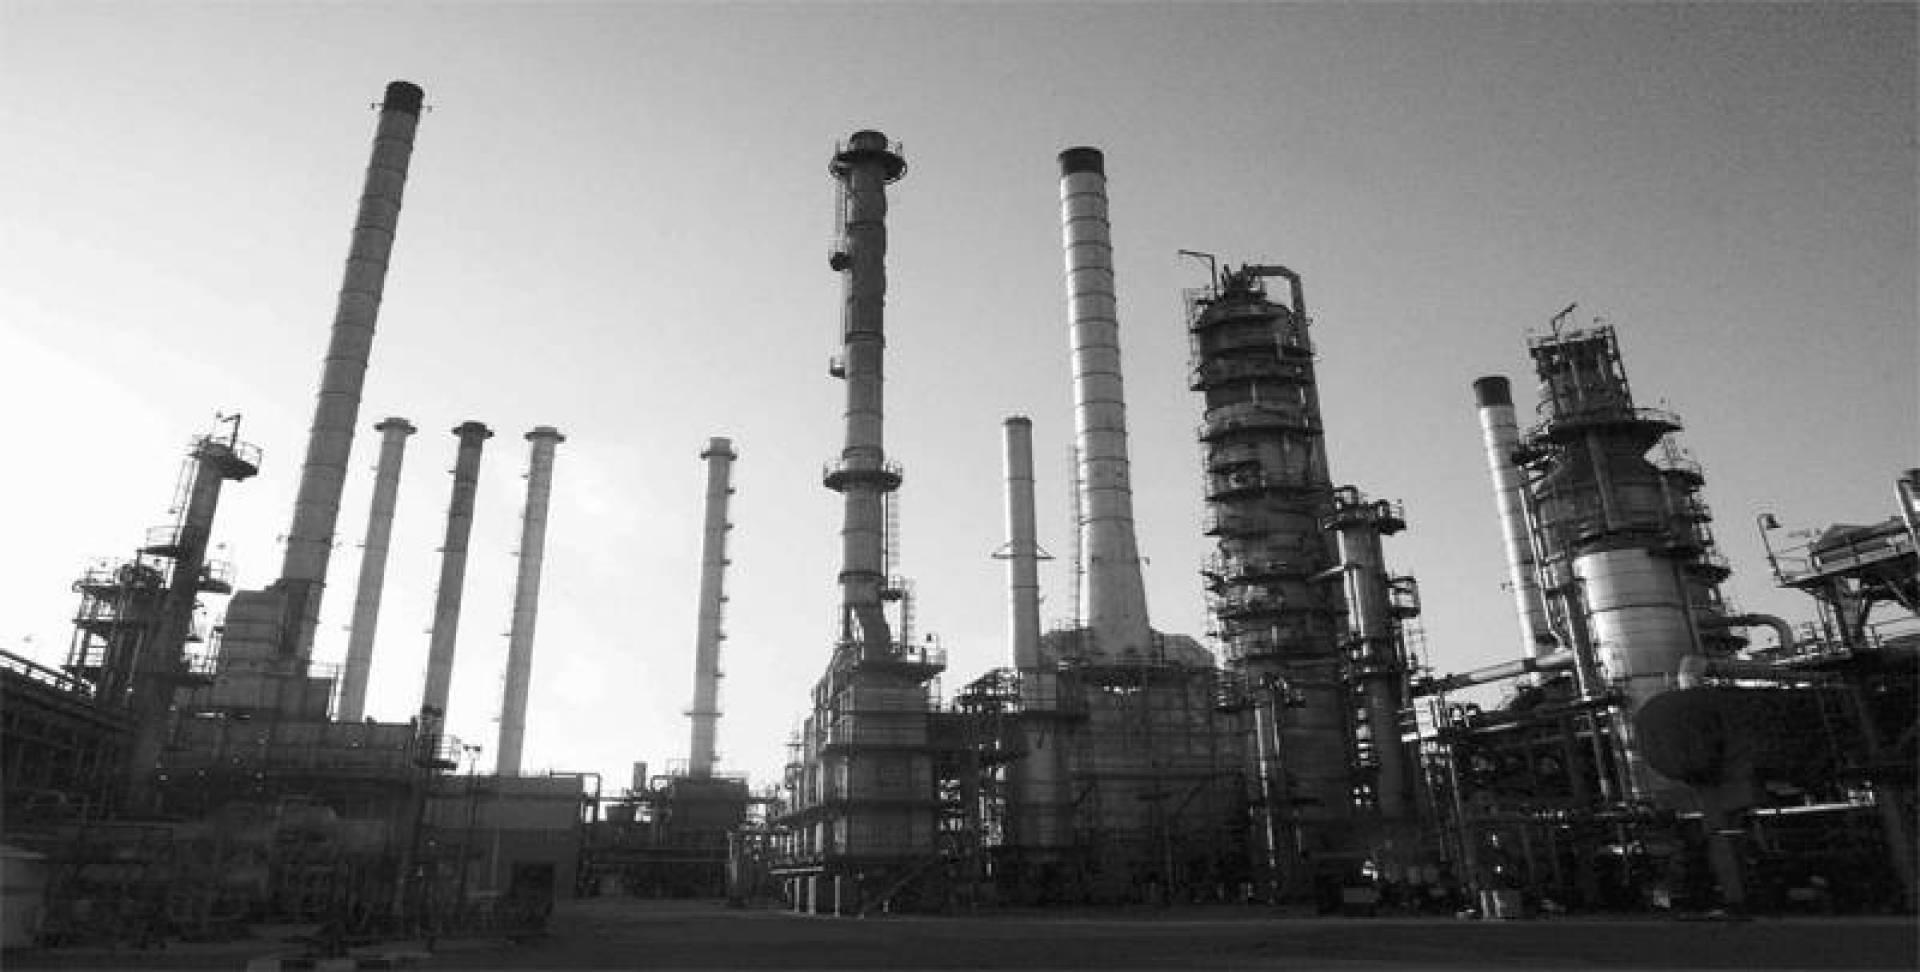 المنشآت النفطية الإيرانية تحتاج إلى استثمارات ضخمة.. أرشيفية